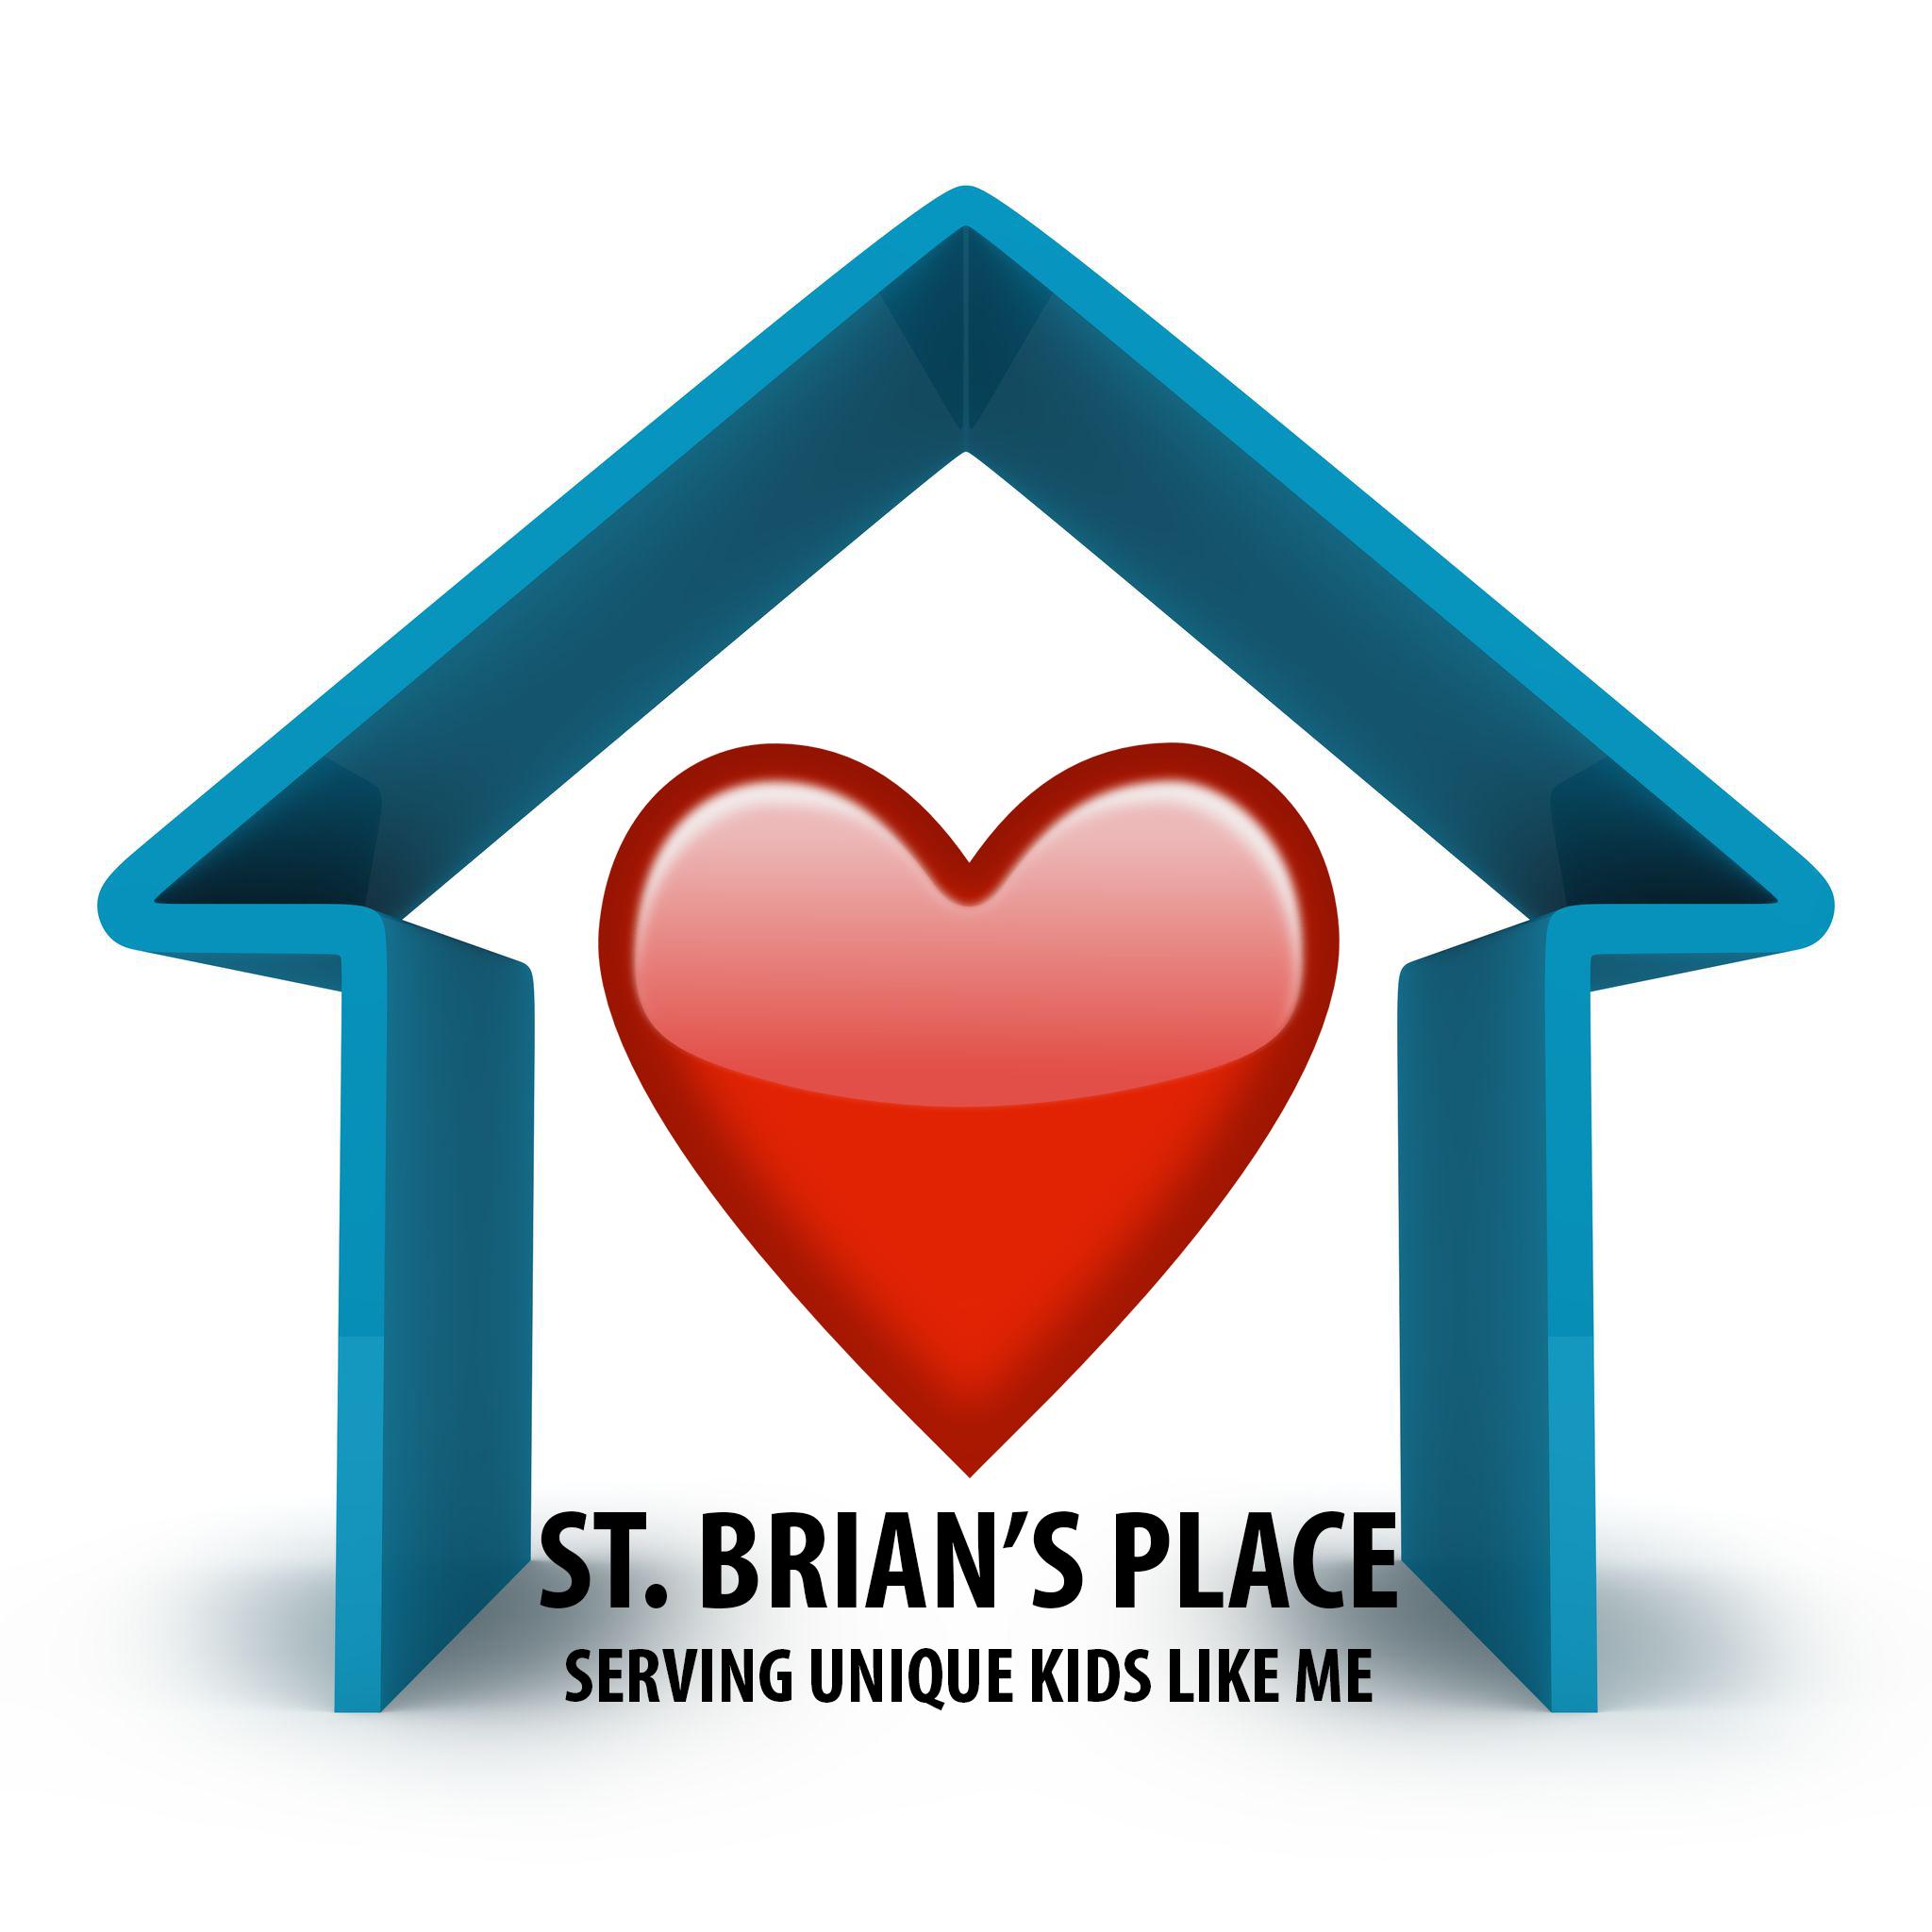 Saint Brian's Place